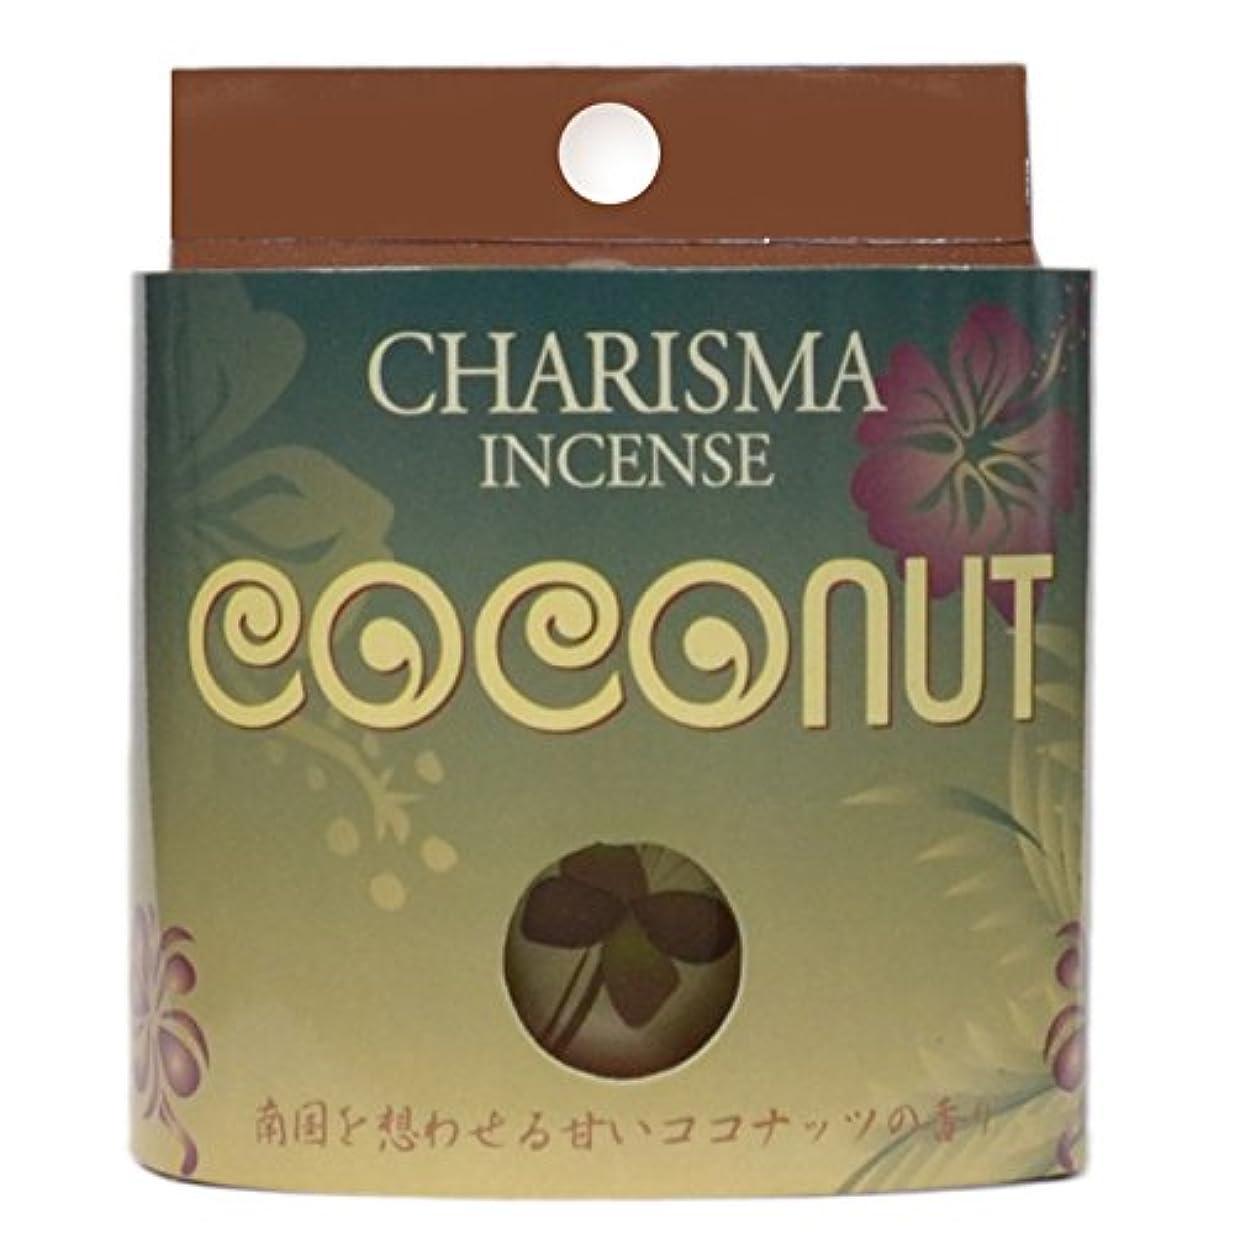 計画的魅了する最大カリスマインセンスコーン ココナッツ